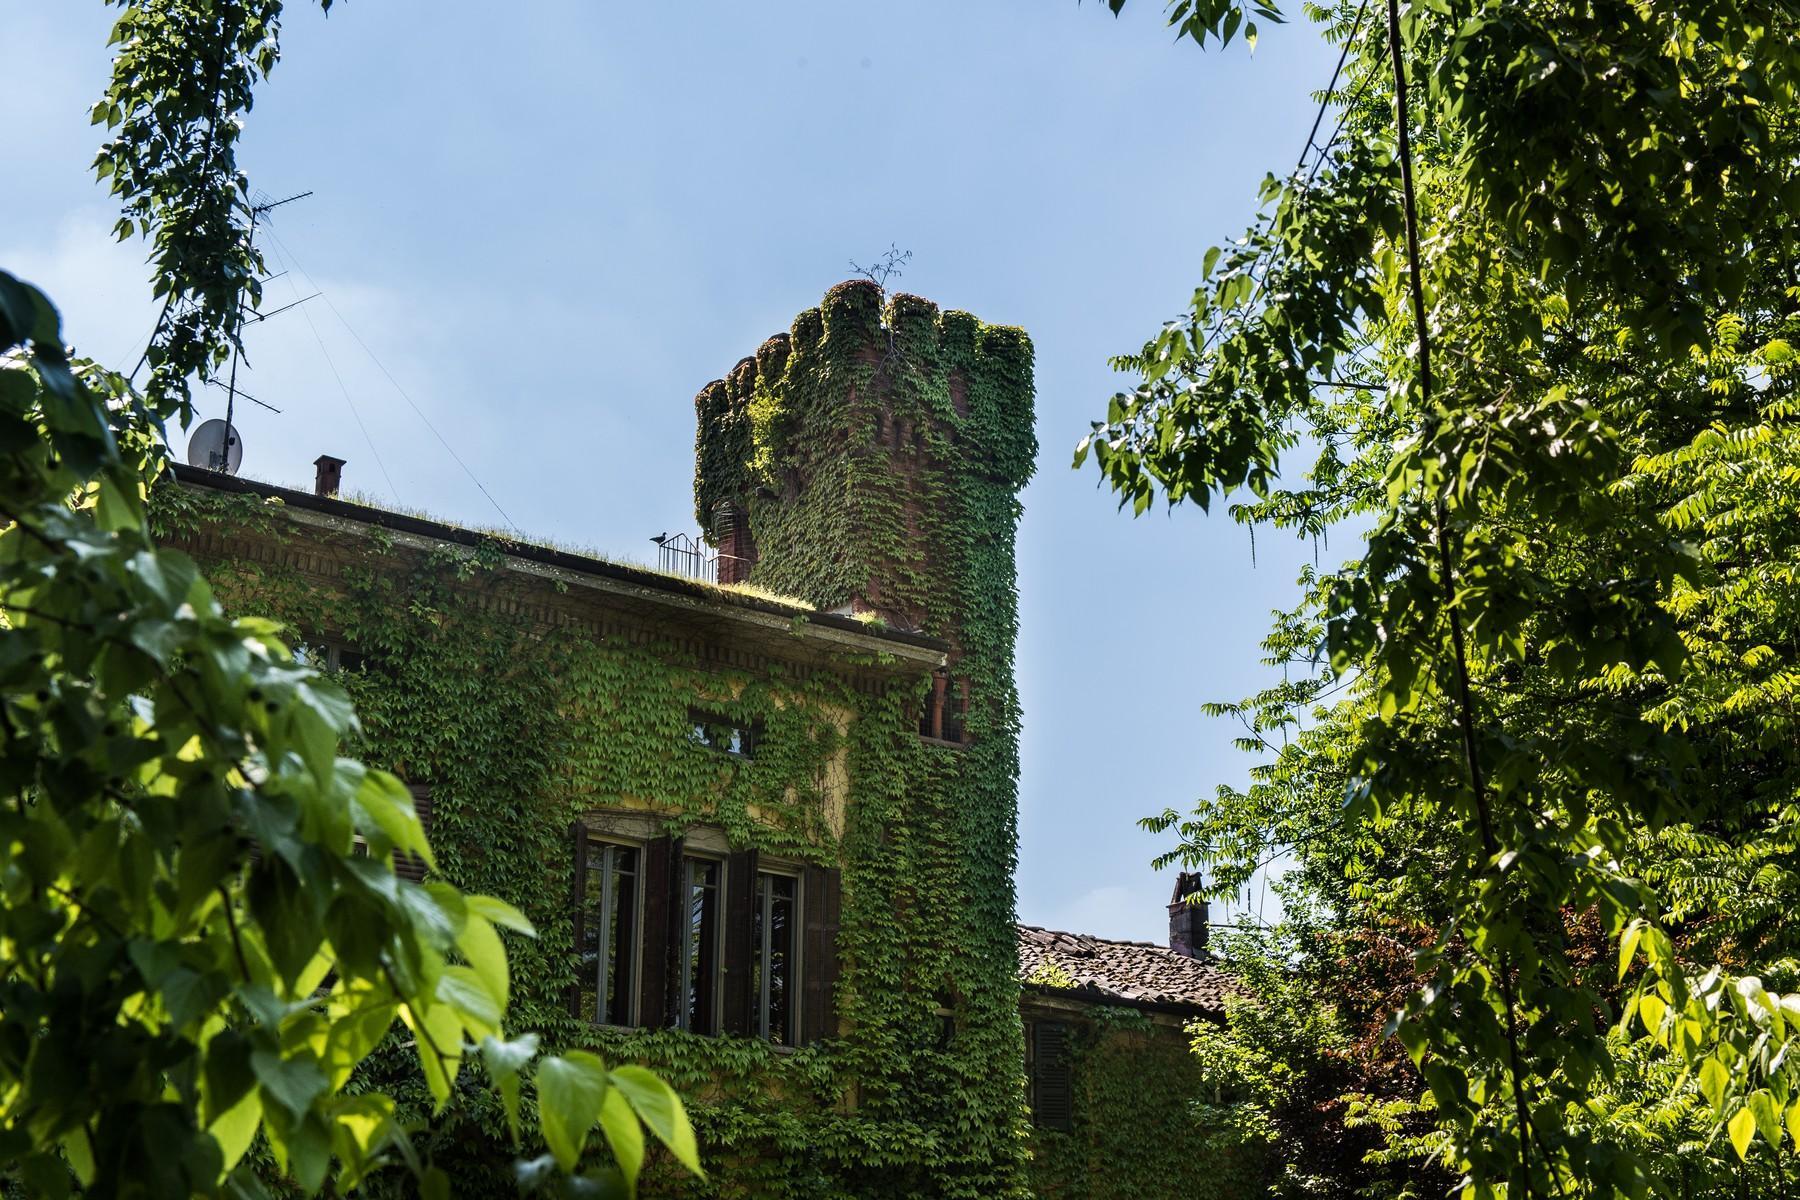 位于Cremona乡村内且拥有大公园的历史久远的别墅 - 9